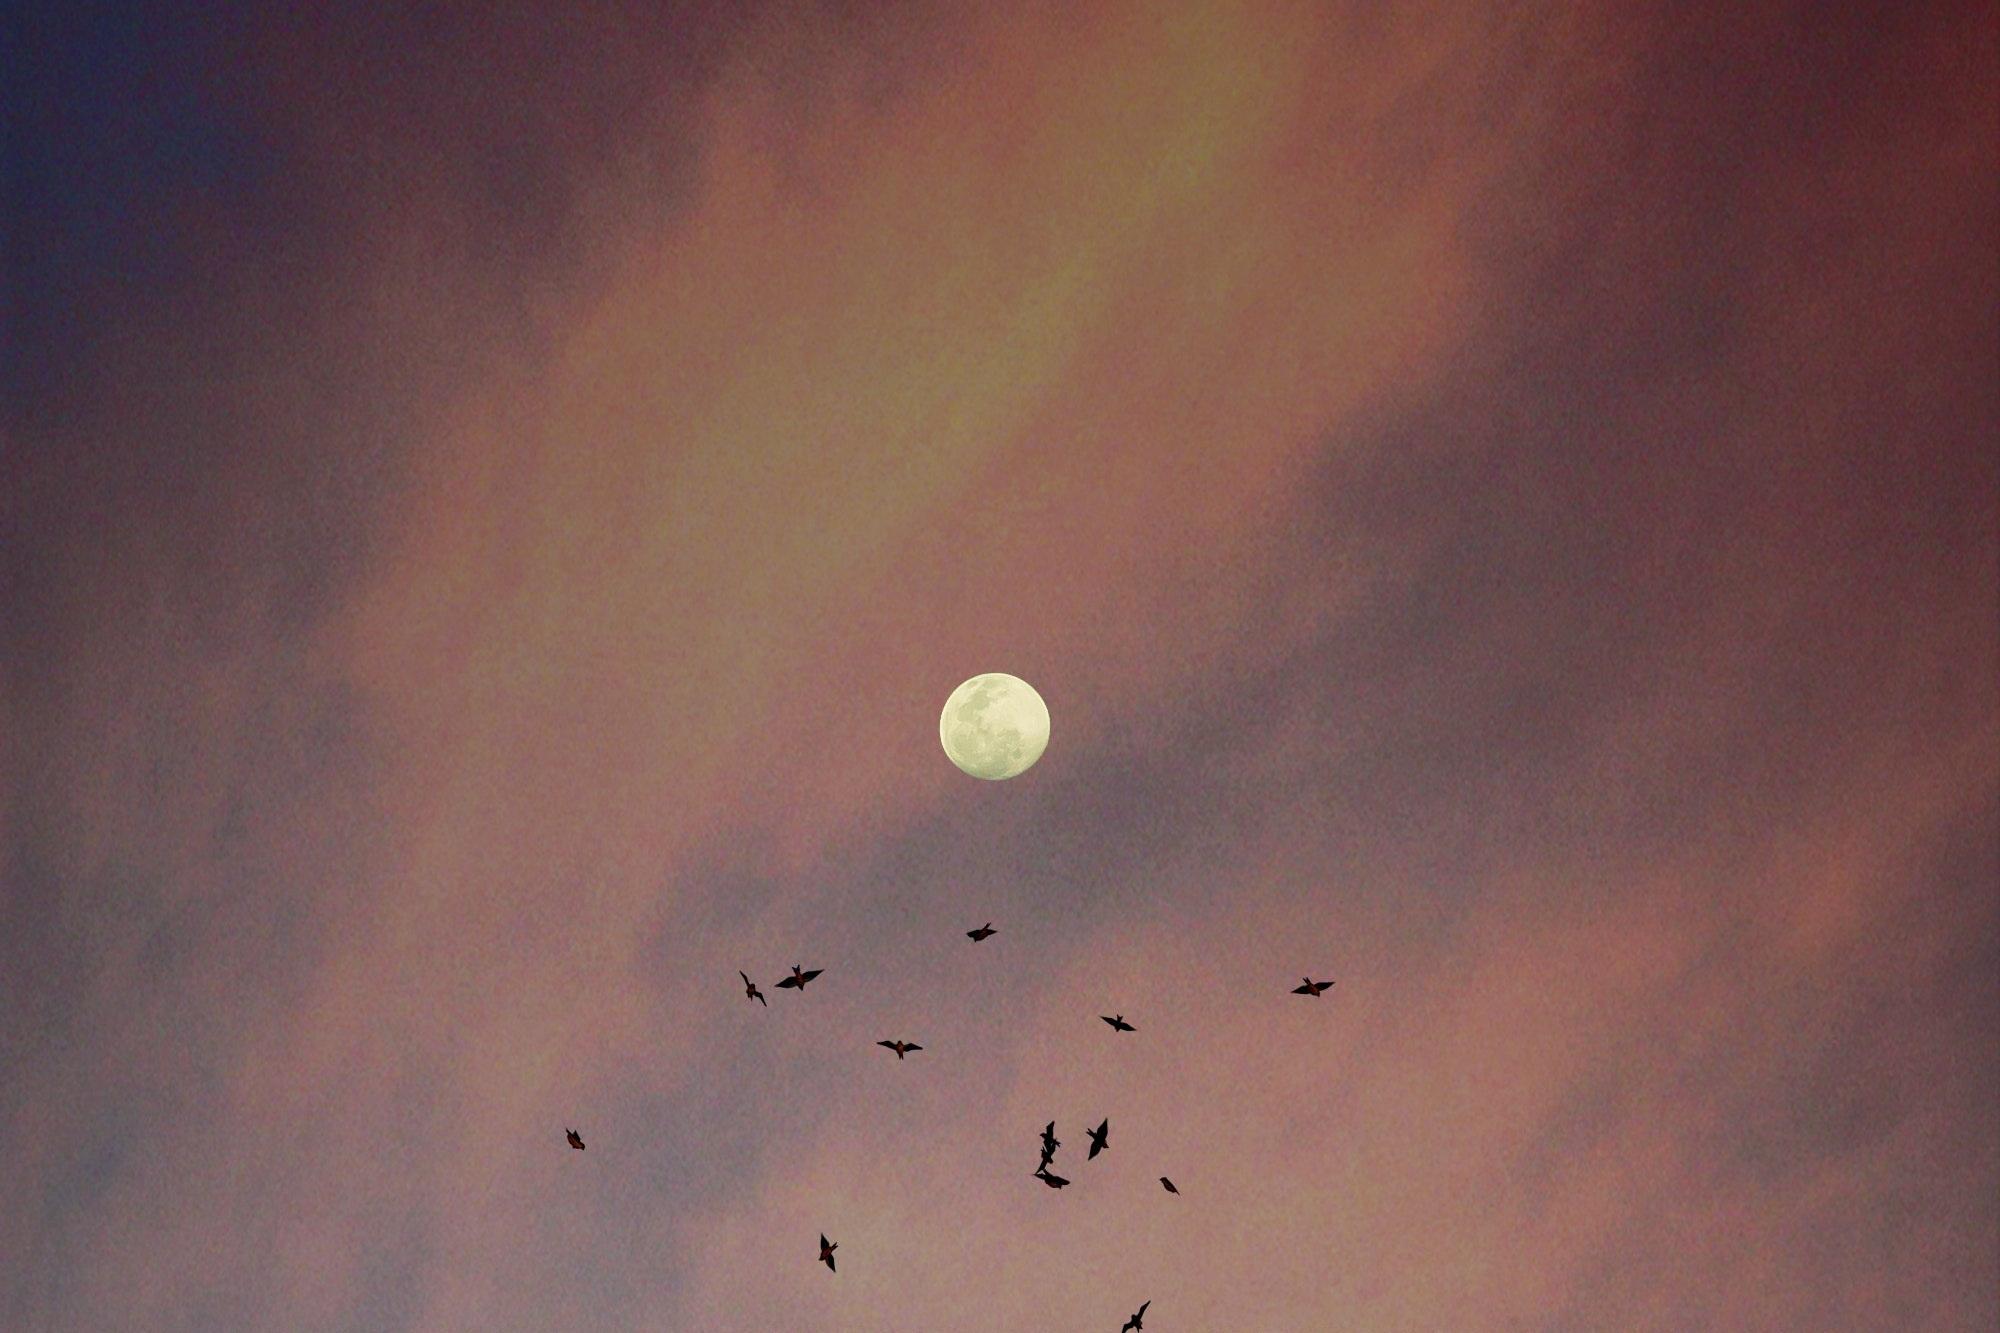 Die Elemente einer Lunar Prana Vinyasa™ Praxis beinhalten: - Lunar Prana Vinyasa Namaskars, Bewegungsabfolgen als Meditation in Bewegung. Diese regen den Energiefluss und die Fluidität unseres Körpers an, und unterstützen diesen bei der Regeneration und Verjüngung, Mond-Mudrasanas, längeres Halten in Vorwärtsbeugen, Umkehrhaltungen und liegenden Asanas Meditation, Mantra, Mudra und Kontemplation, Opening und Closing Chants für Regeneration und Entspannung, Sahaja Prana Flow – der heilende Flow von spontanen Bewegungen. Pranayama – lunar-orientierte Atemübungen und andere Prana Flow Kriyas, Gelebte Weisheit sowie Integration universeller Weisheit, unterstützende ayurvedische Tips, um Ojas (Vitalität, Lebensfrische) im alltäglichen Leben zu kultivieren